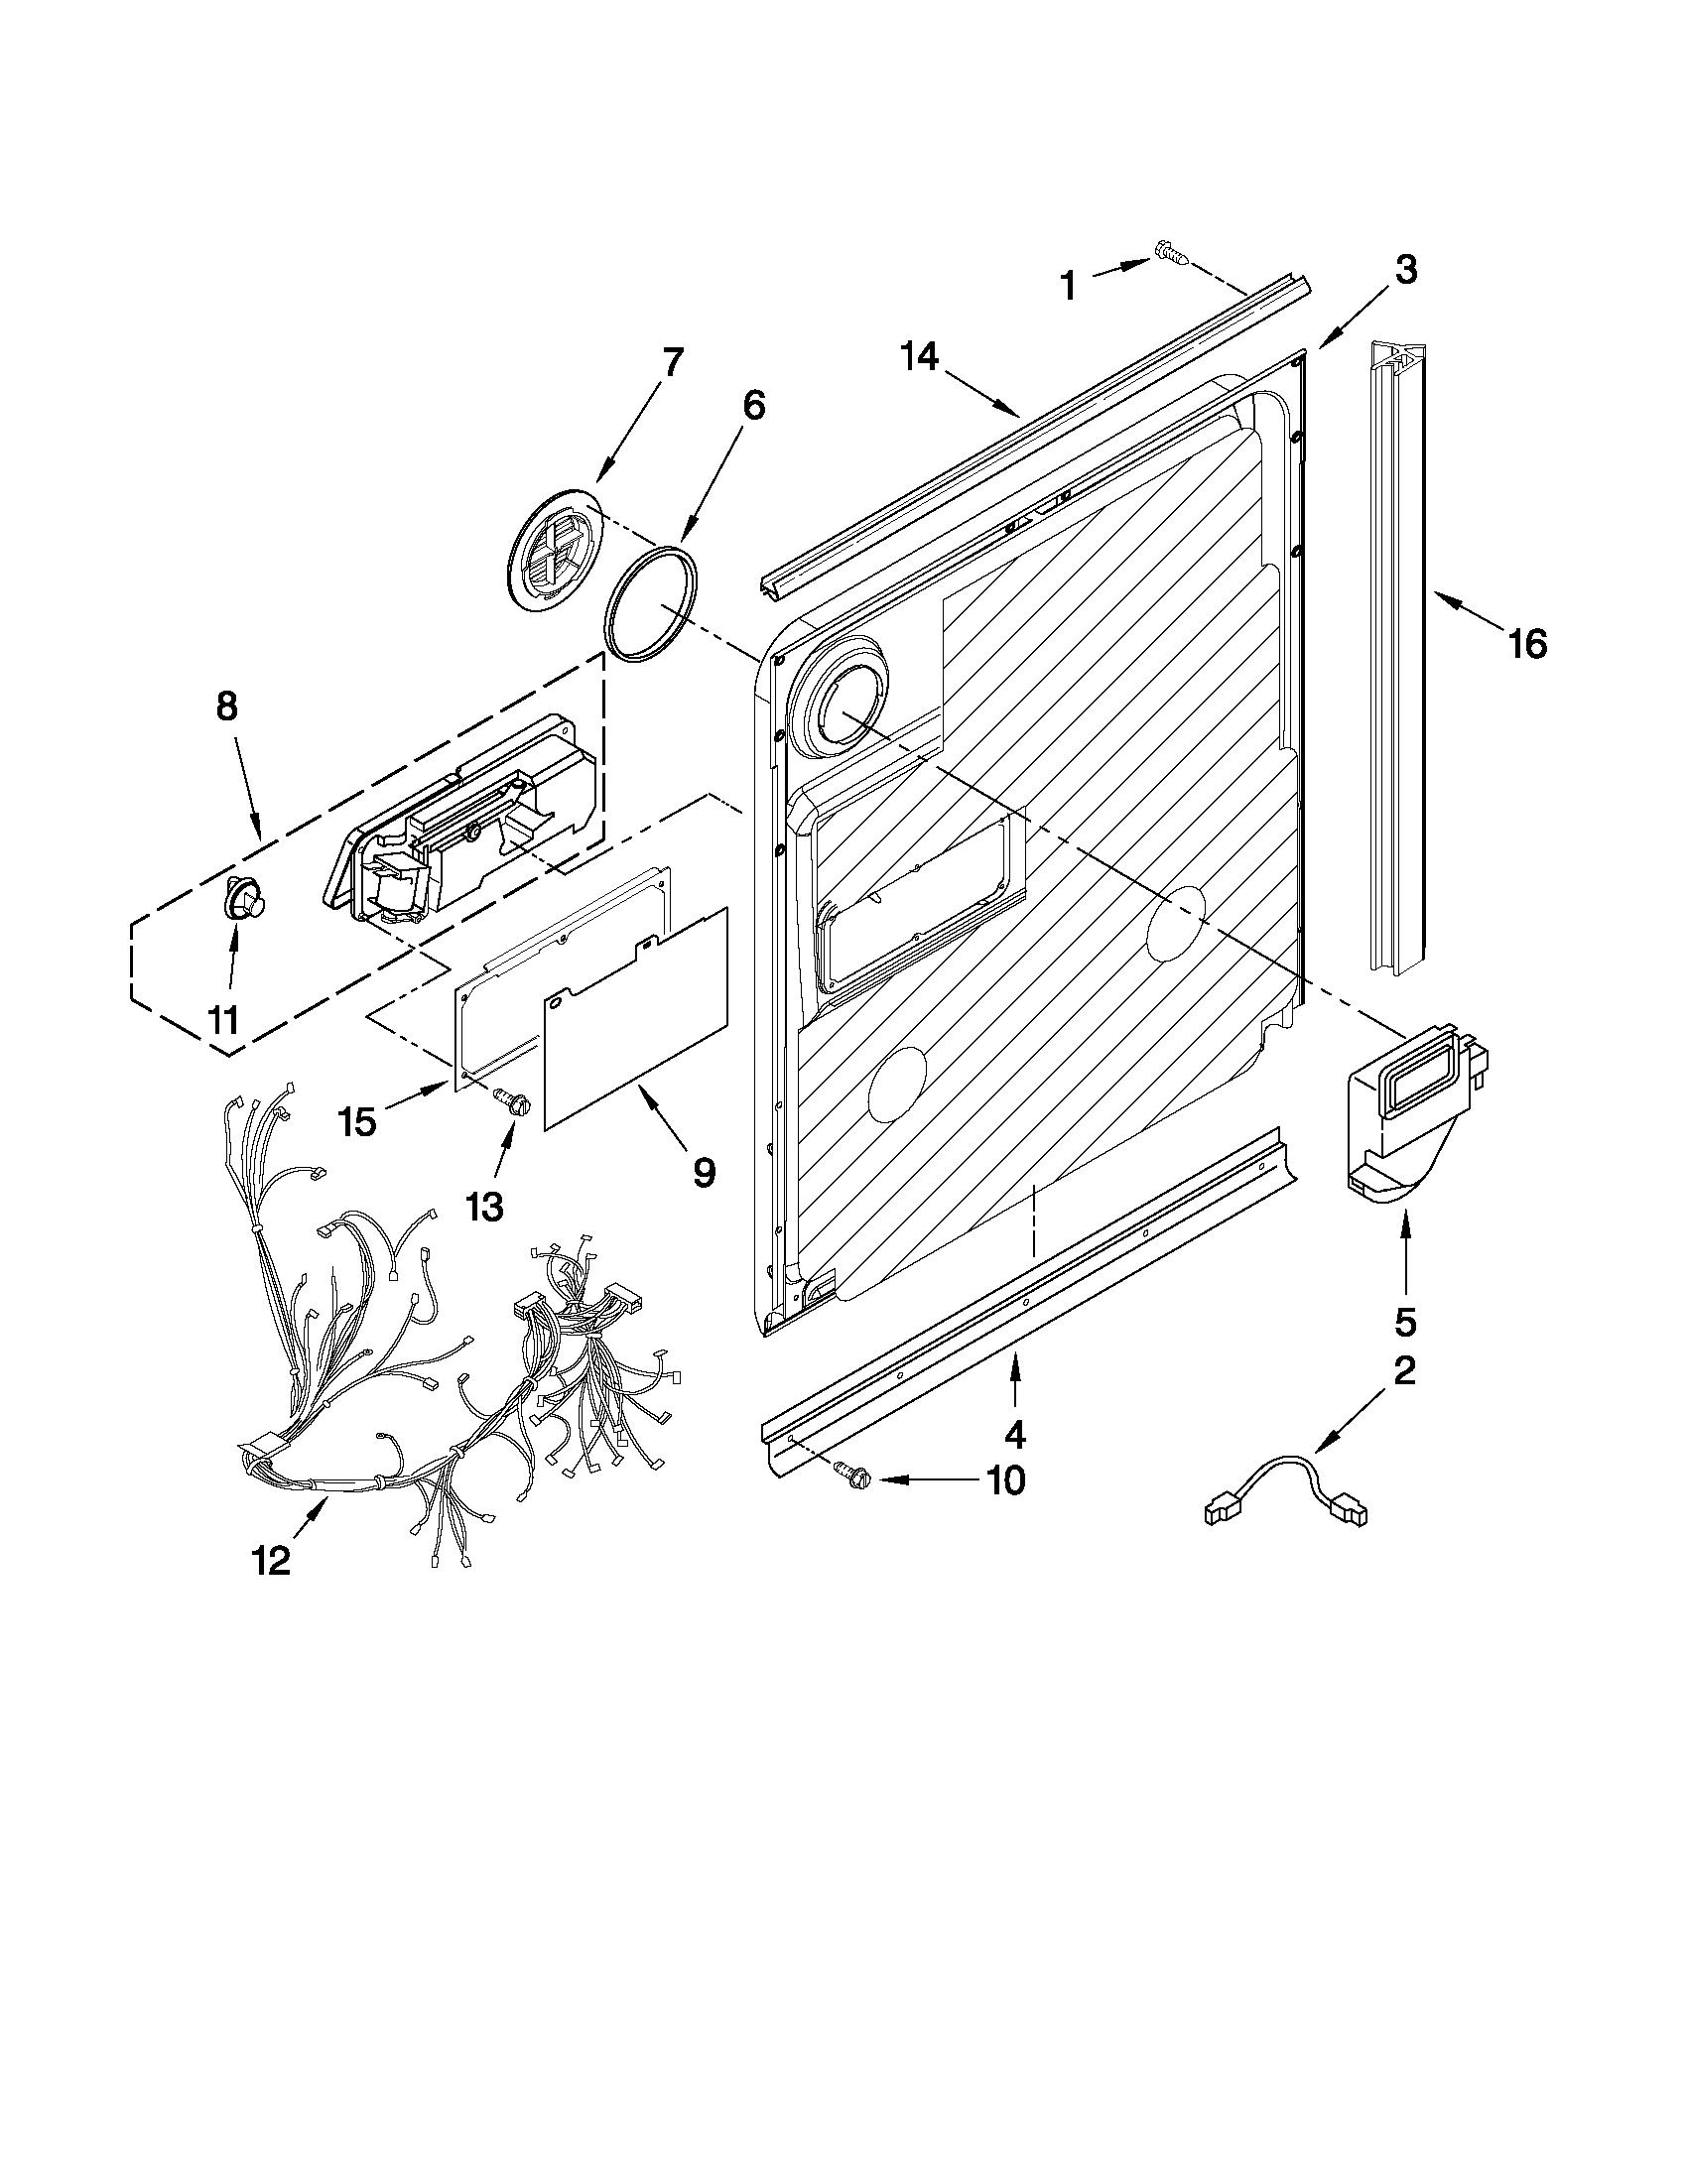 Maytag model MDB7749AWW2 dishwasher genuine parts